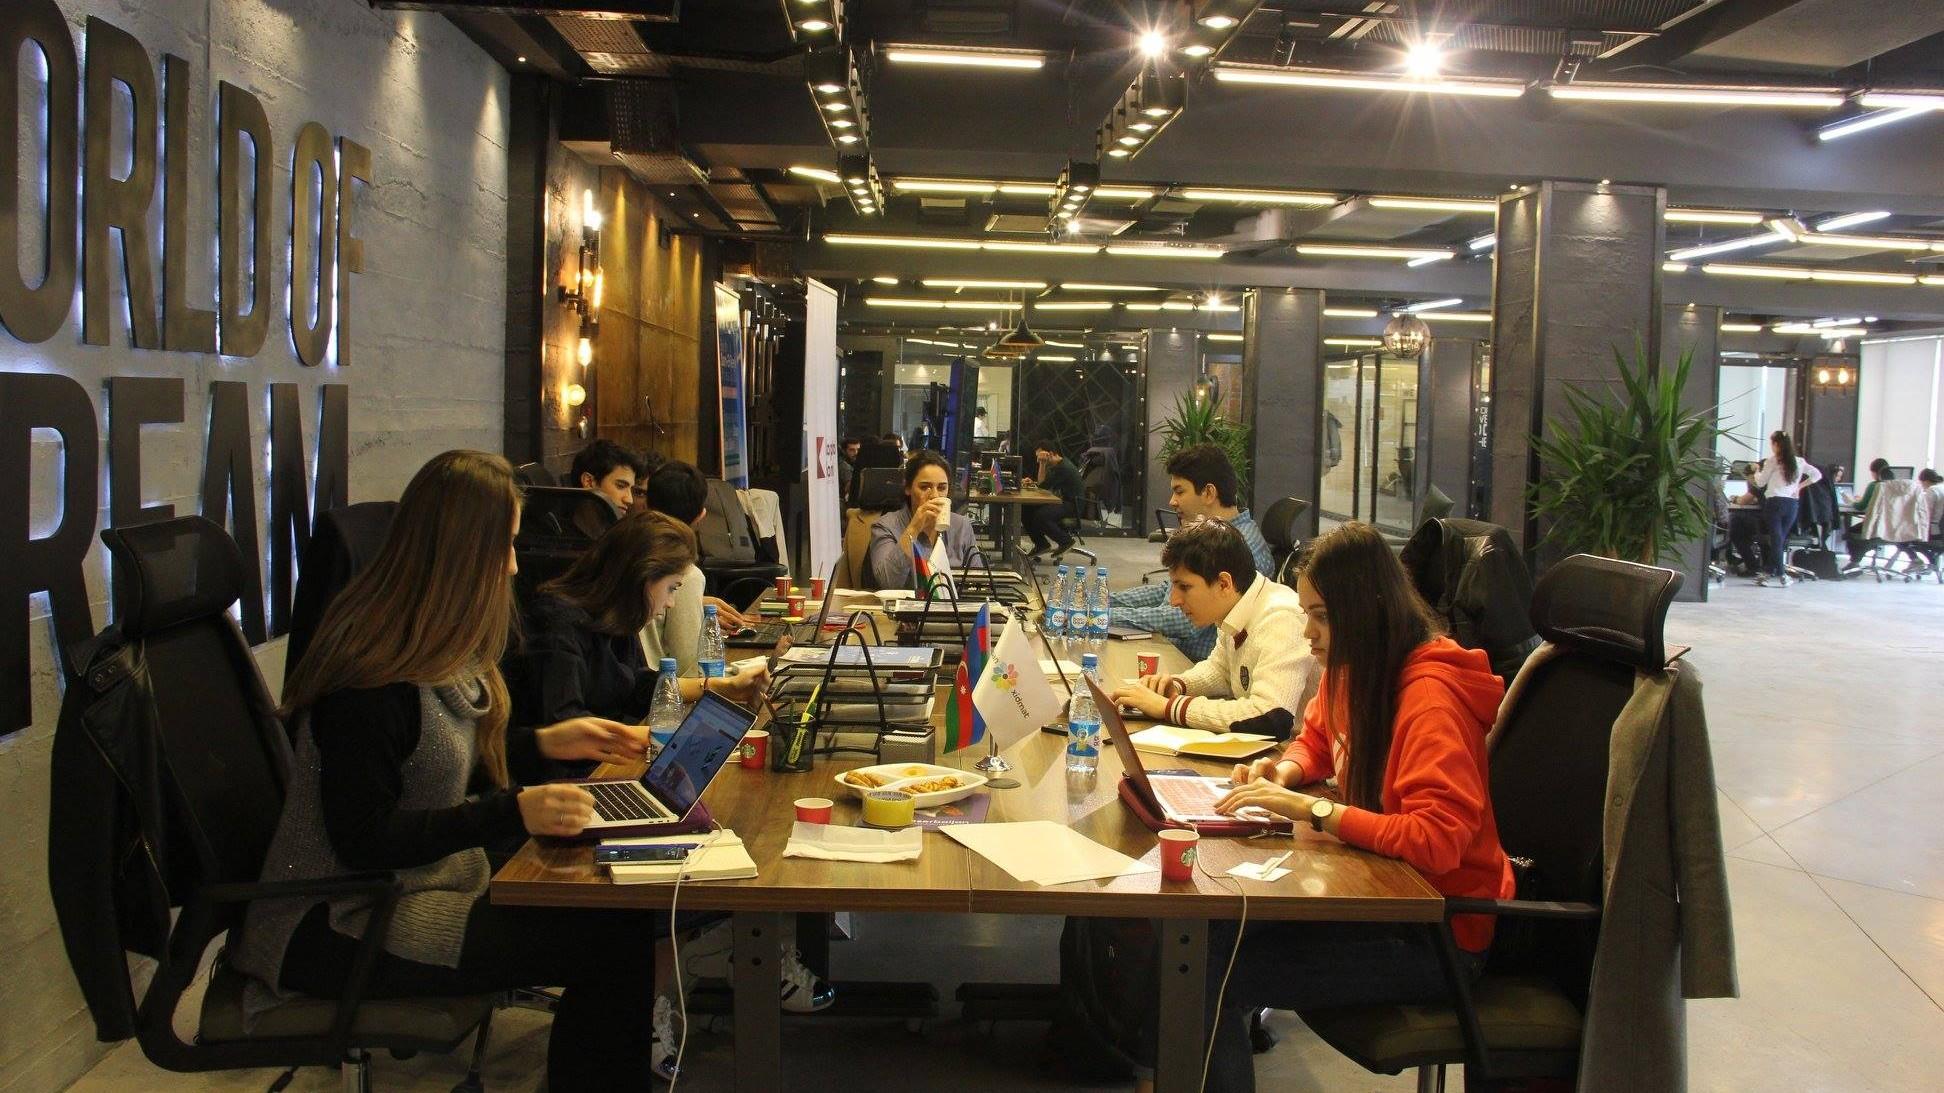 Bakıda turizm sahəsində ilk dəfə startup yarışı keçirilib